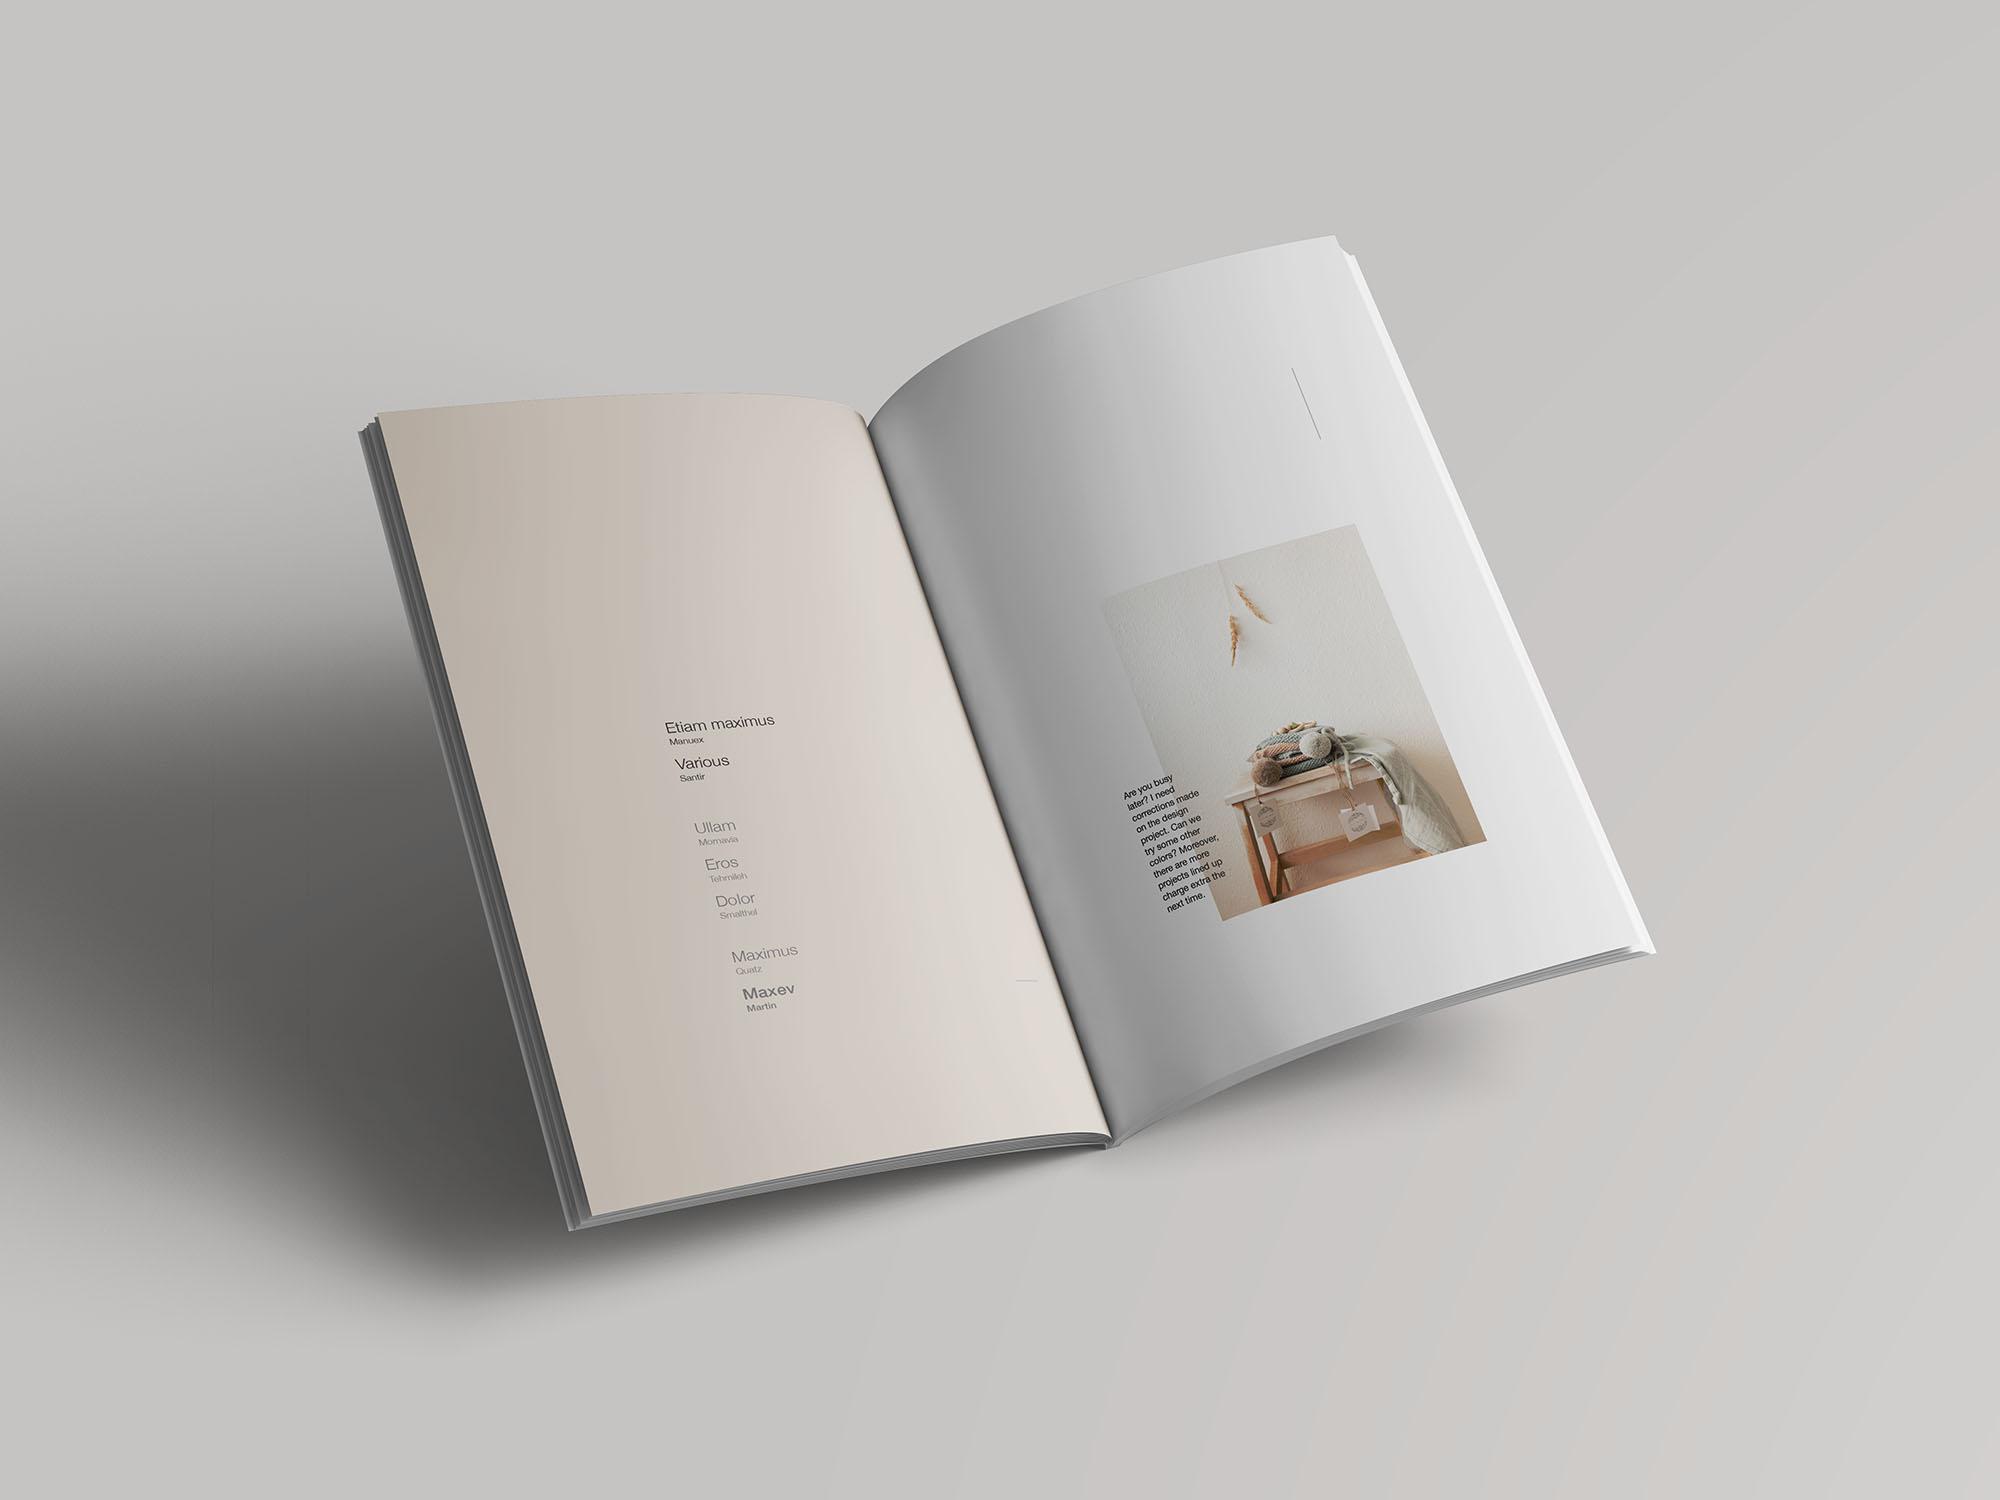 cover book design free